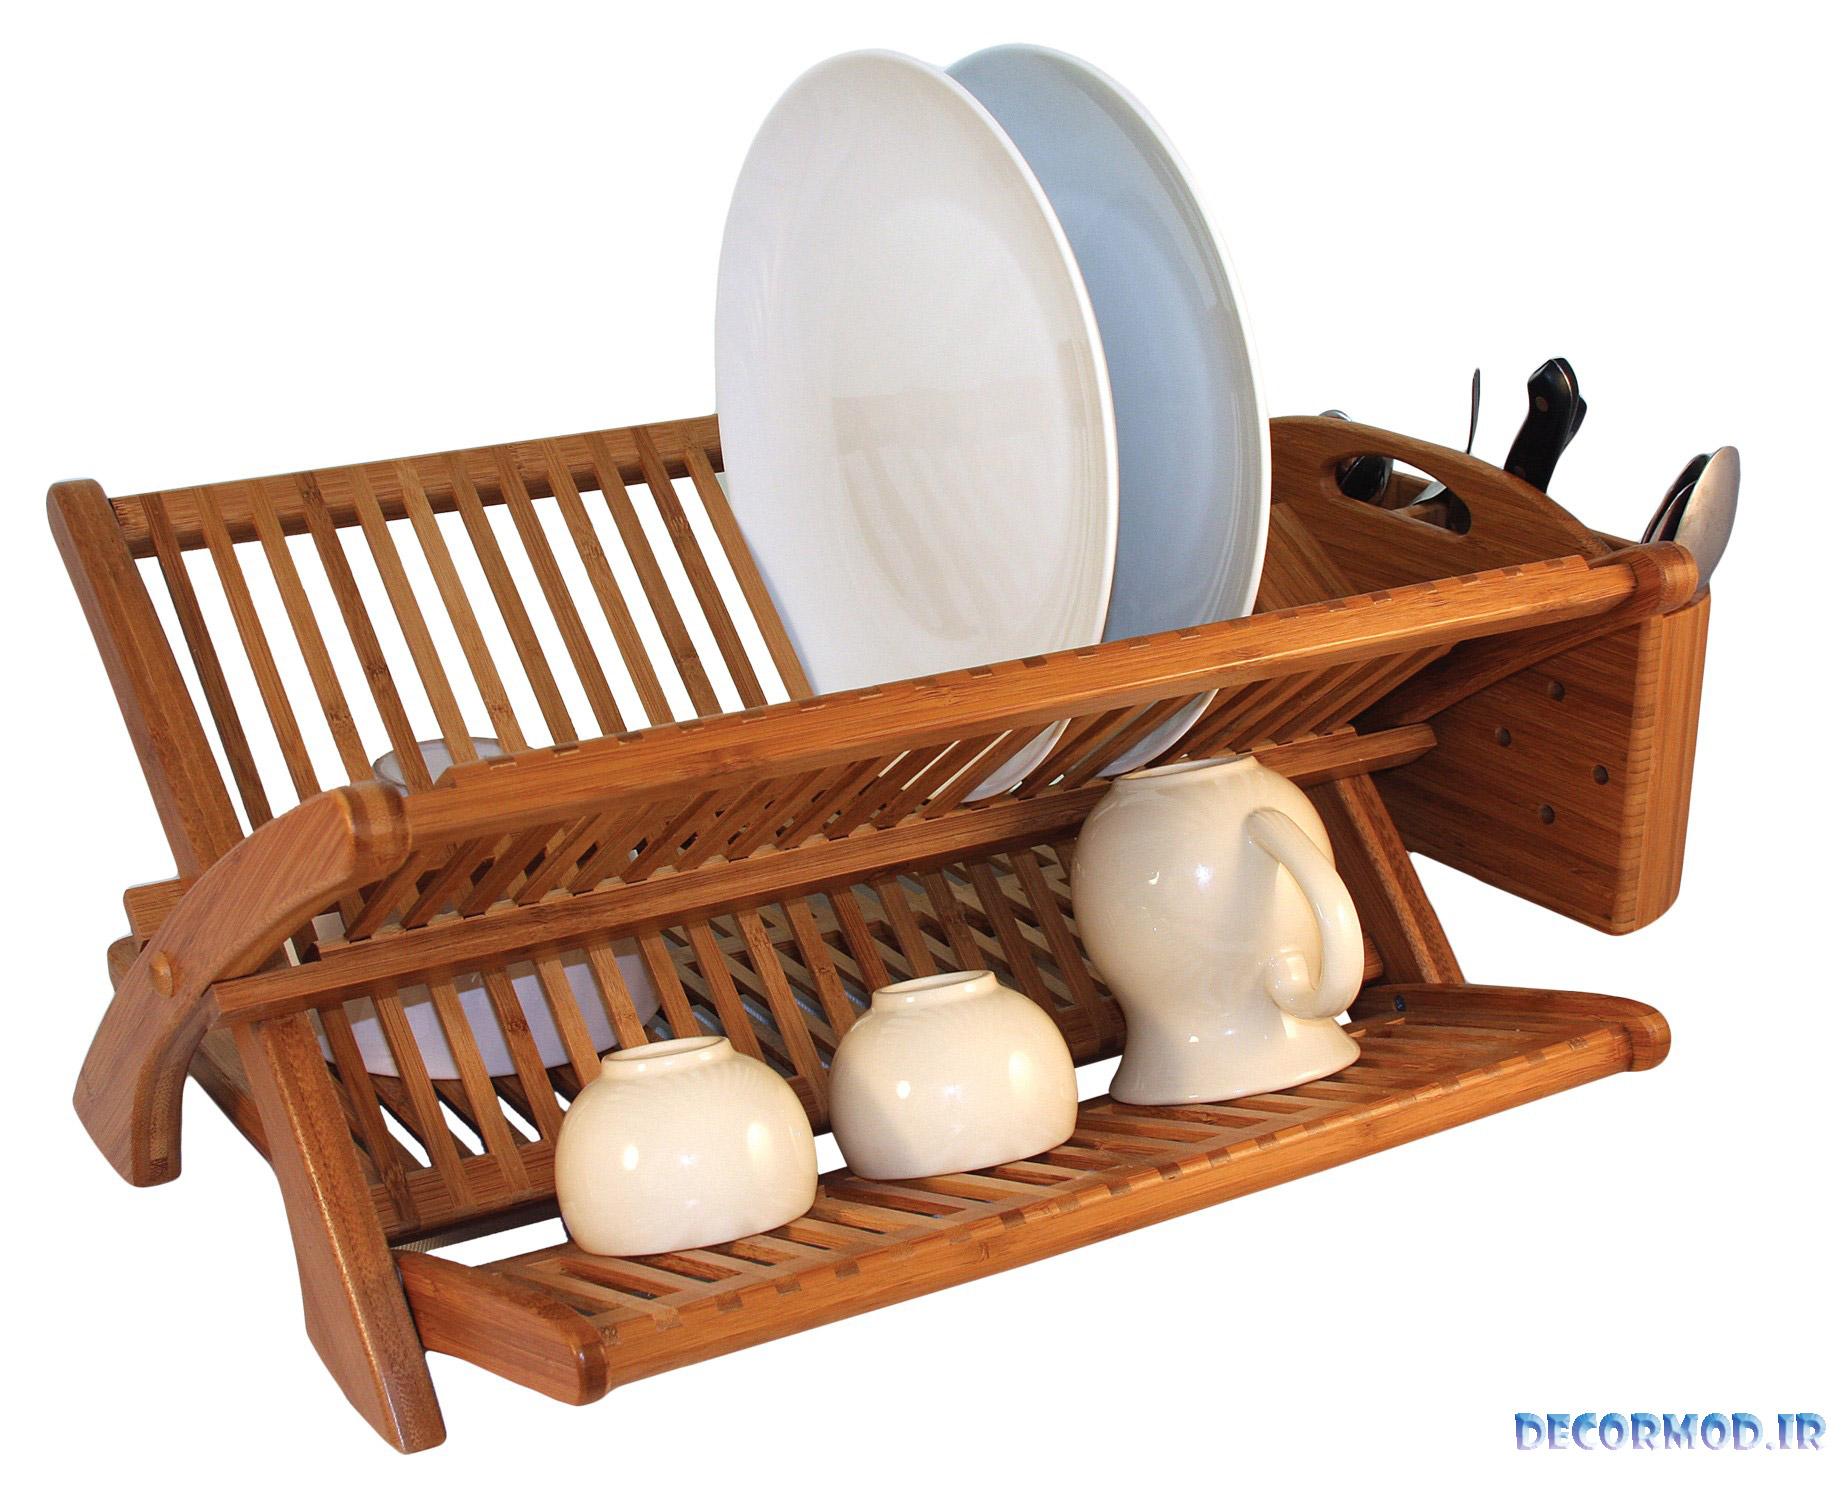 ظروف آشپزخانه یونیک 4